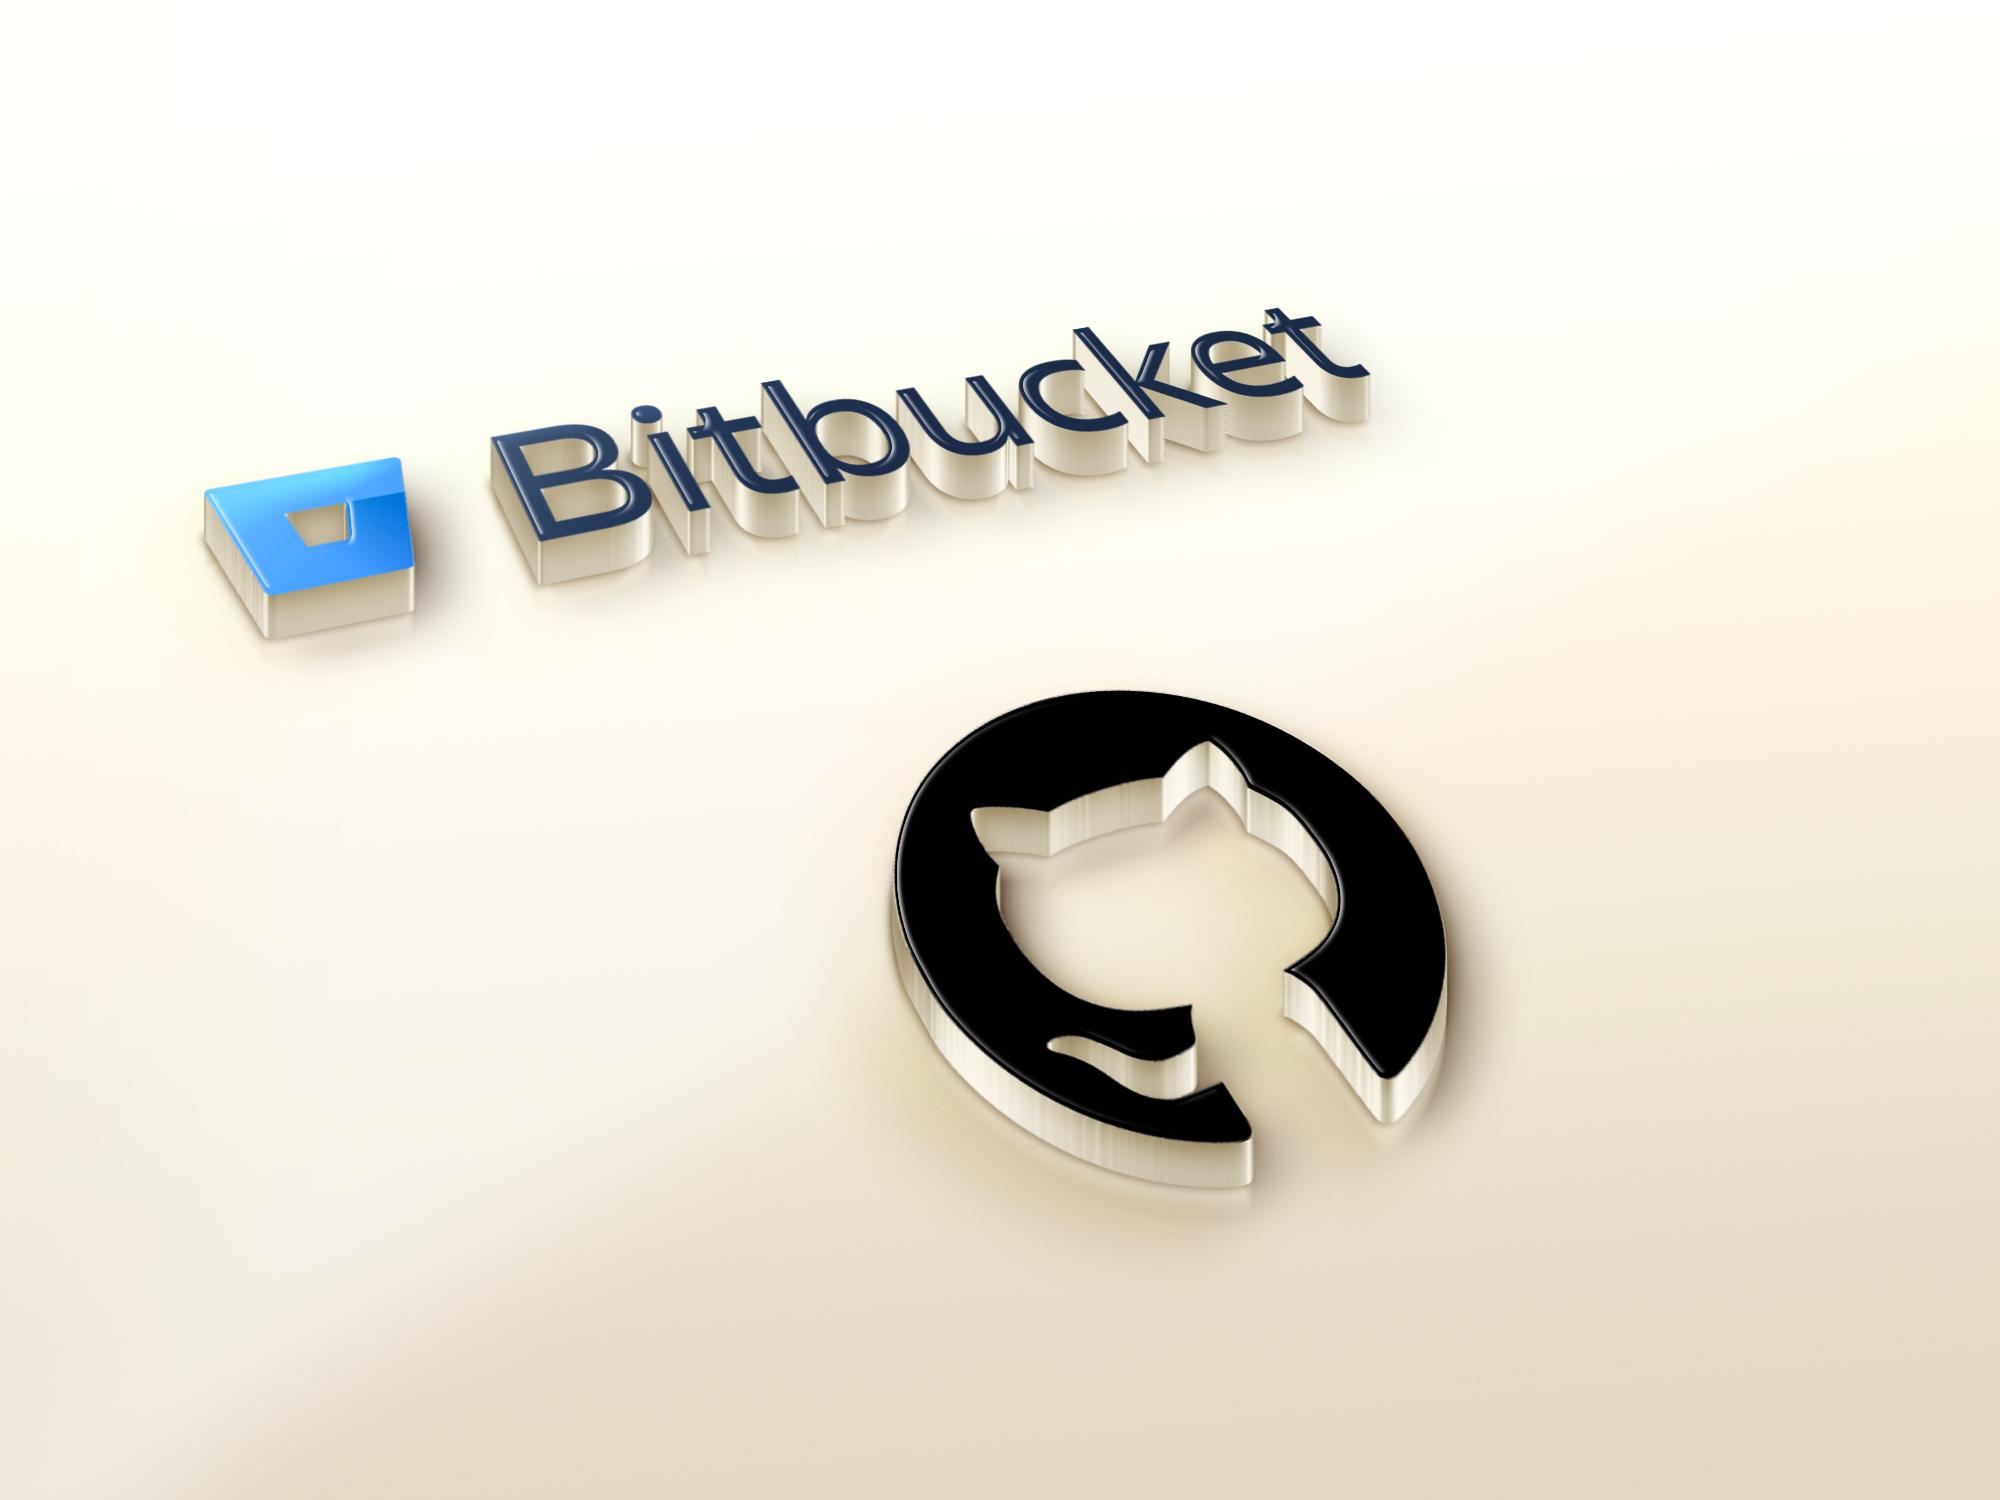 Github and Bitbucket Logos